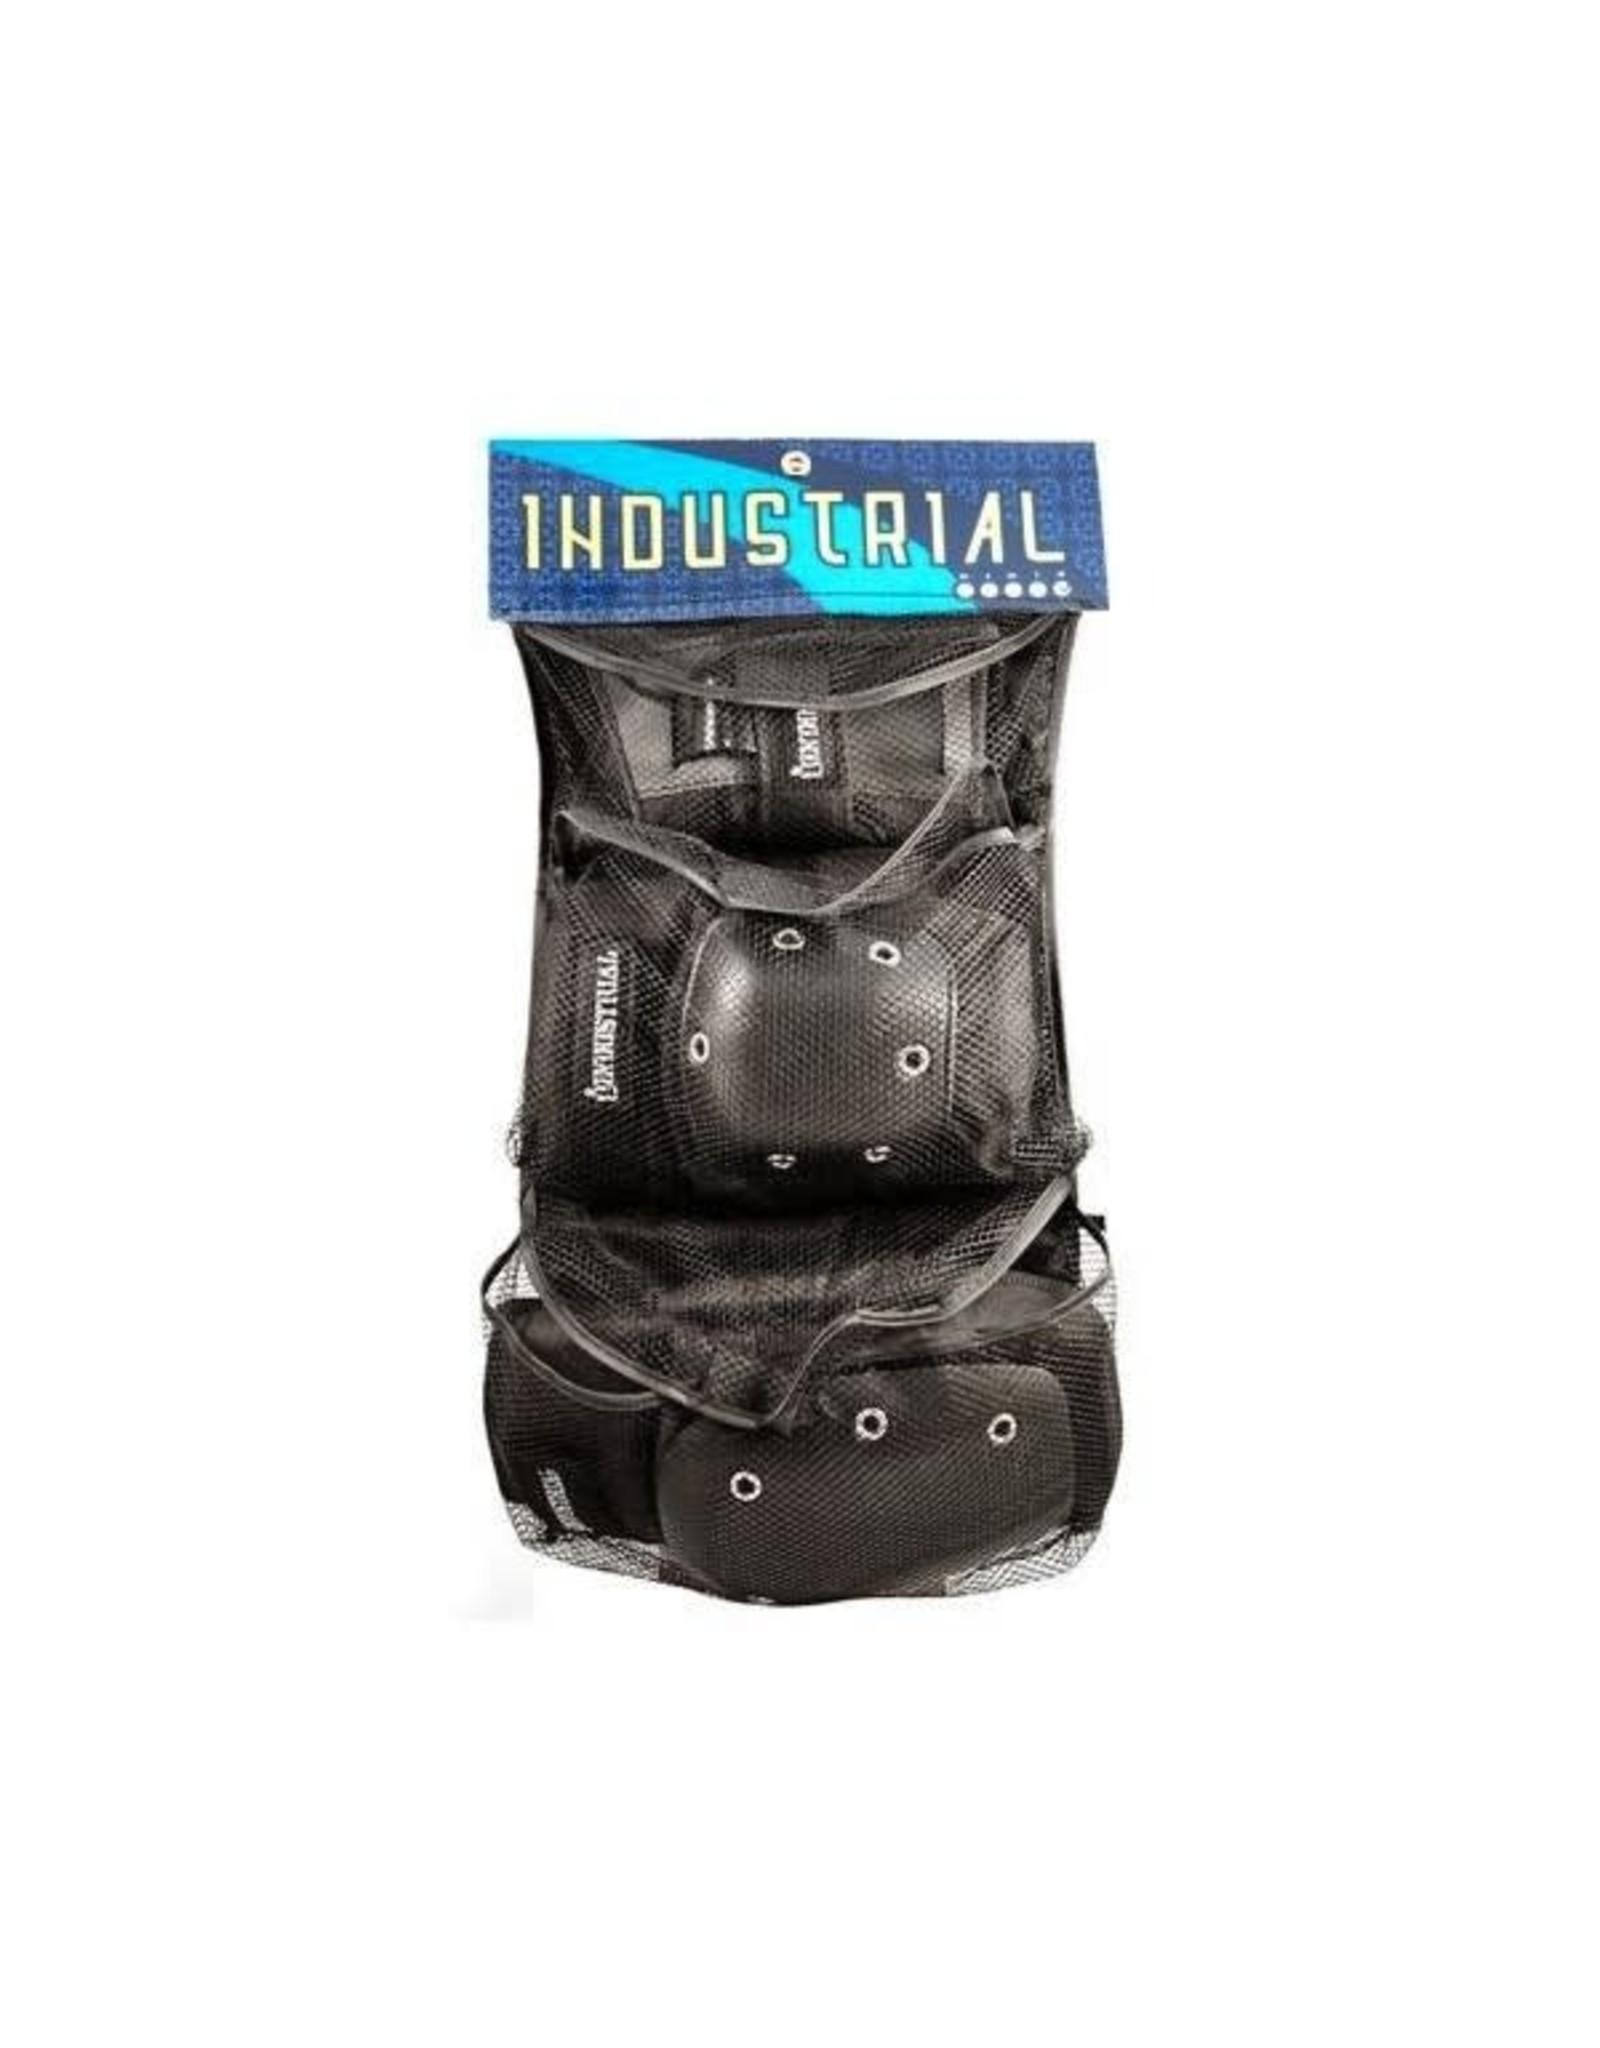 Industrial Industrial 3-IN-1 Pad Set Black